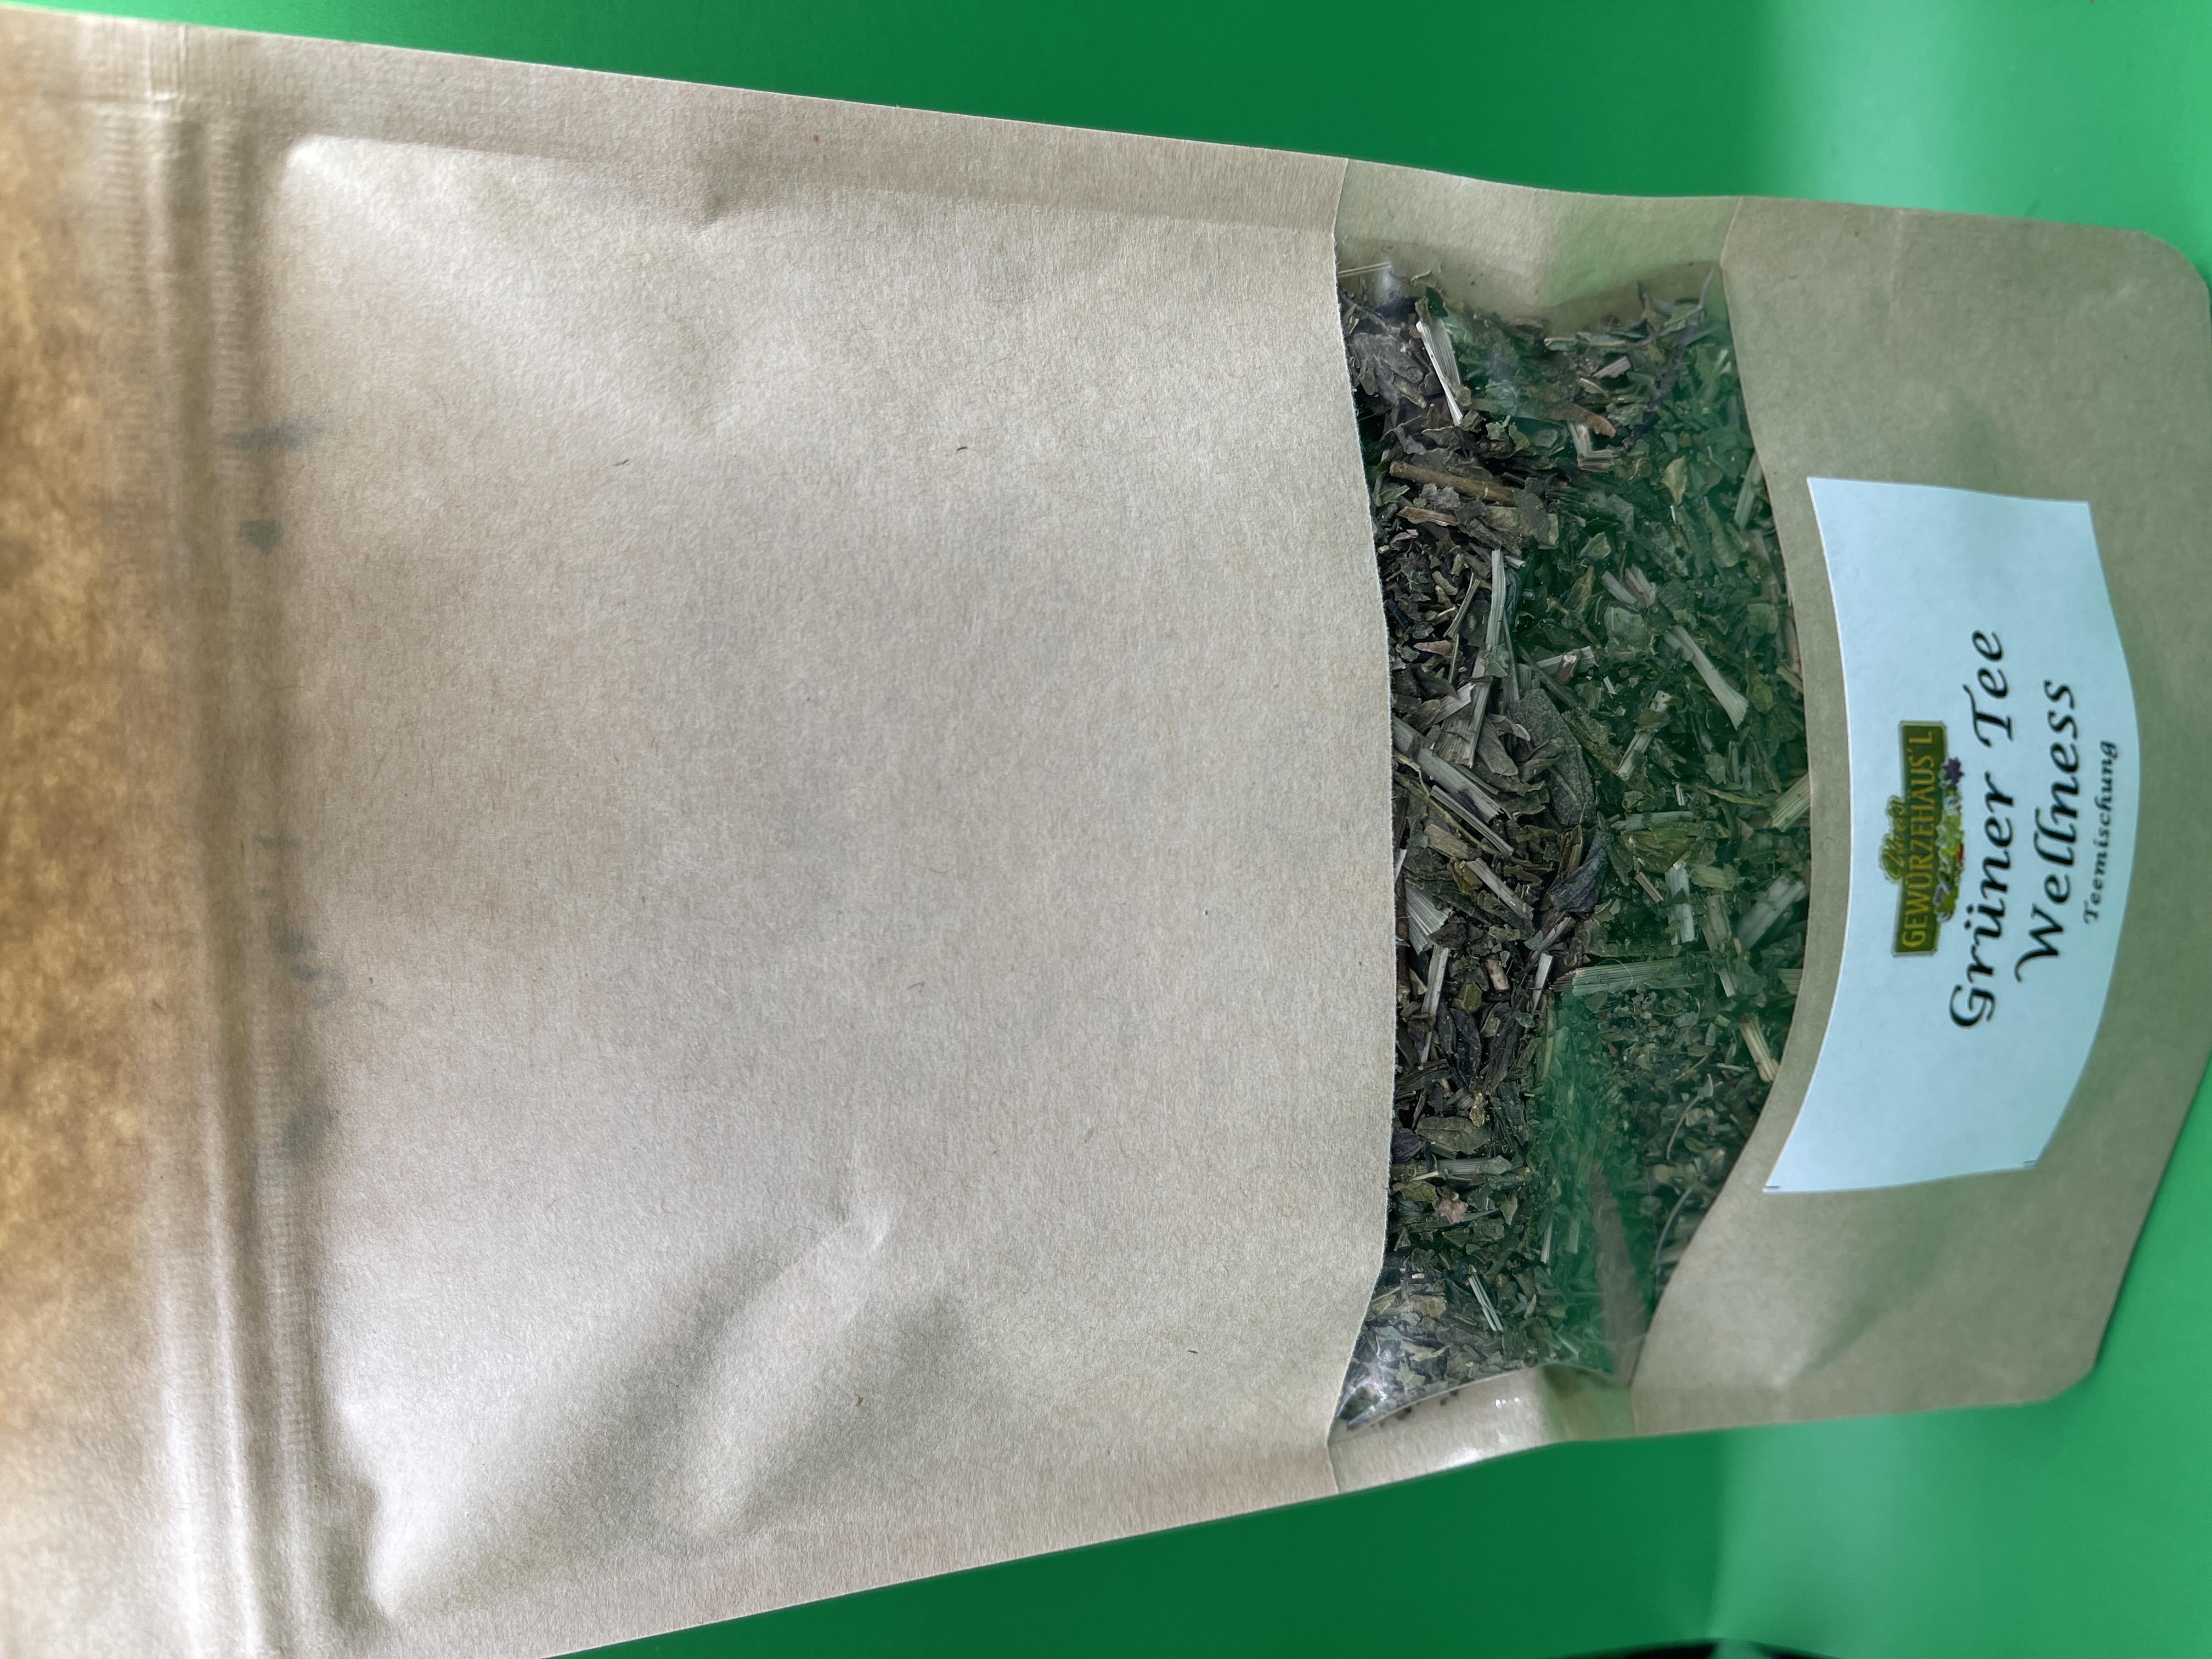 Wellness-Grüner-Tee 60 g